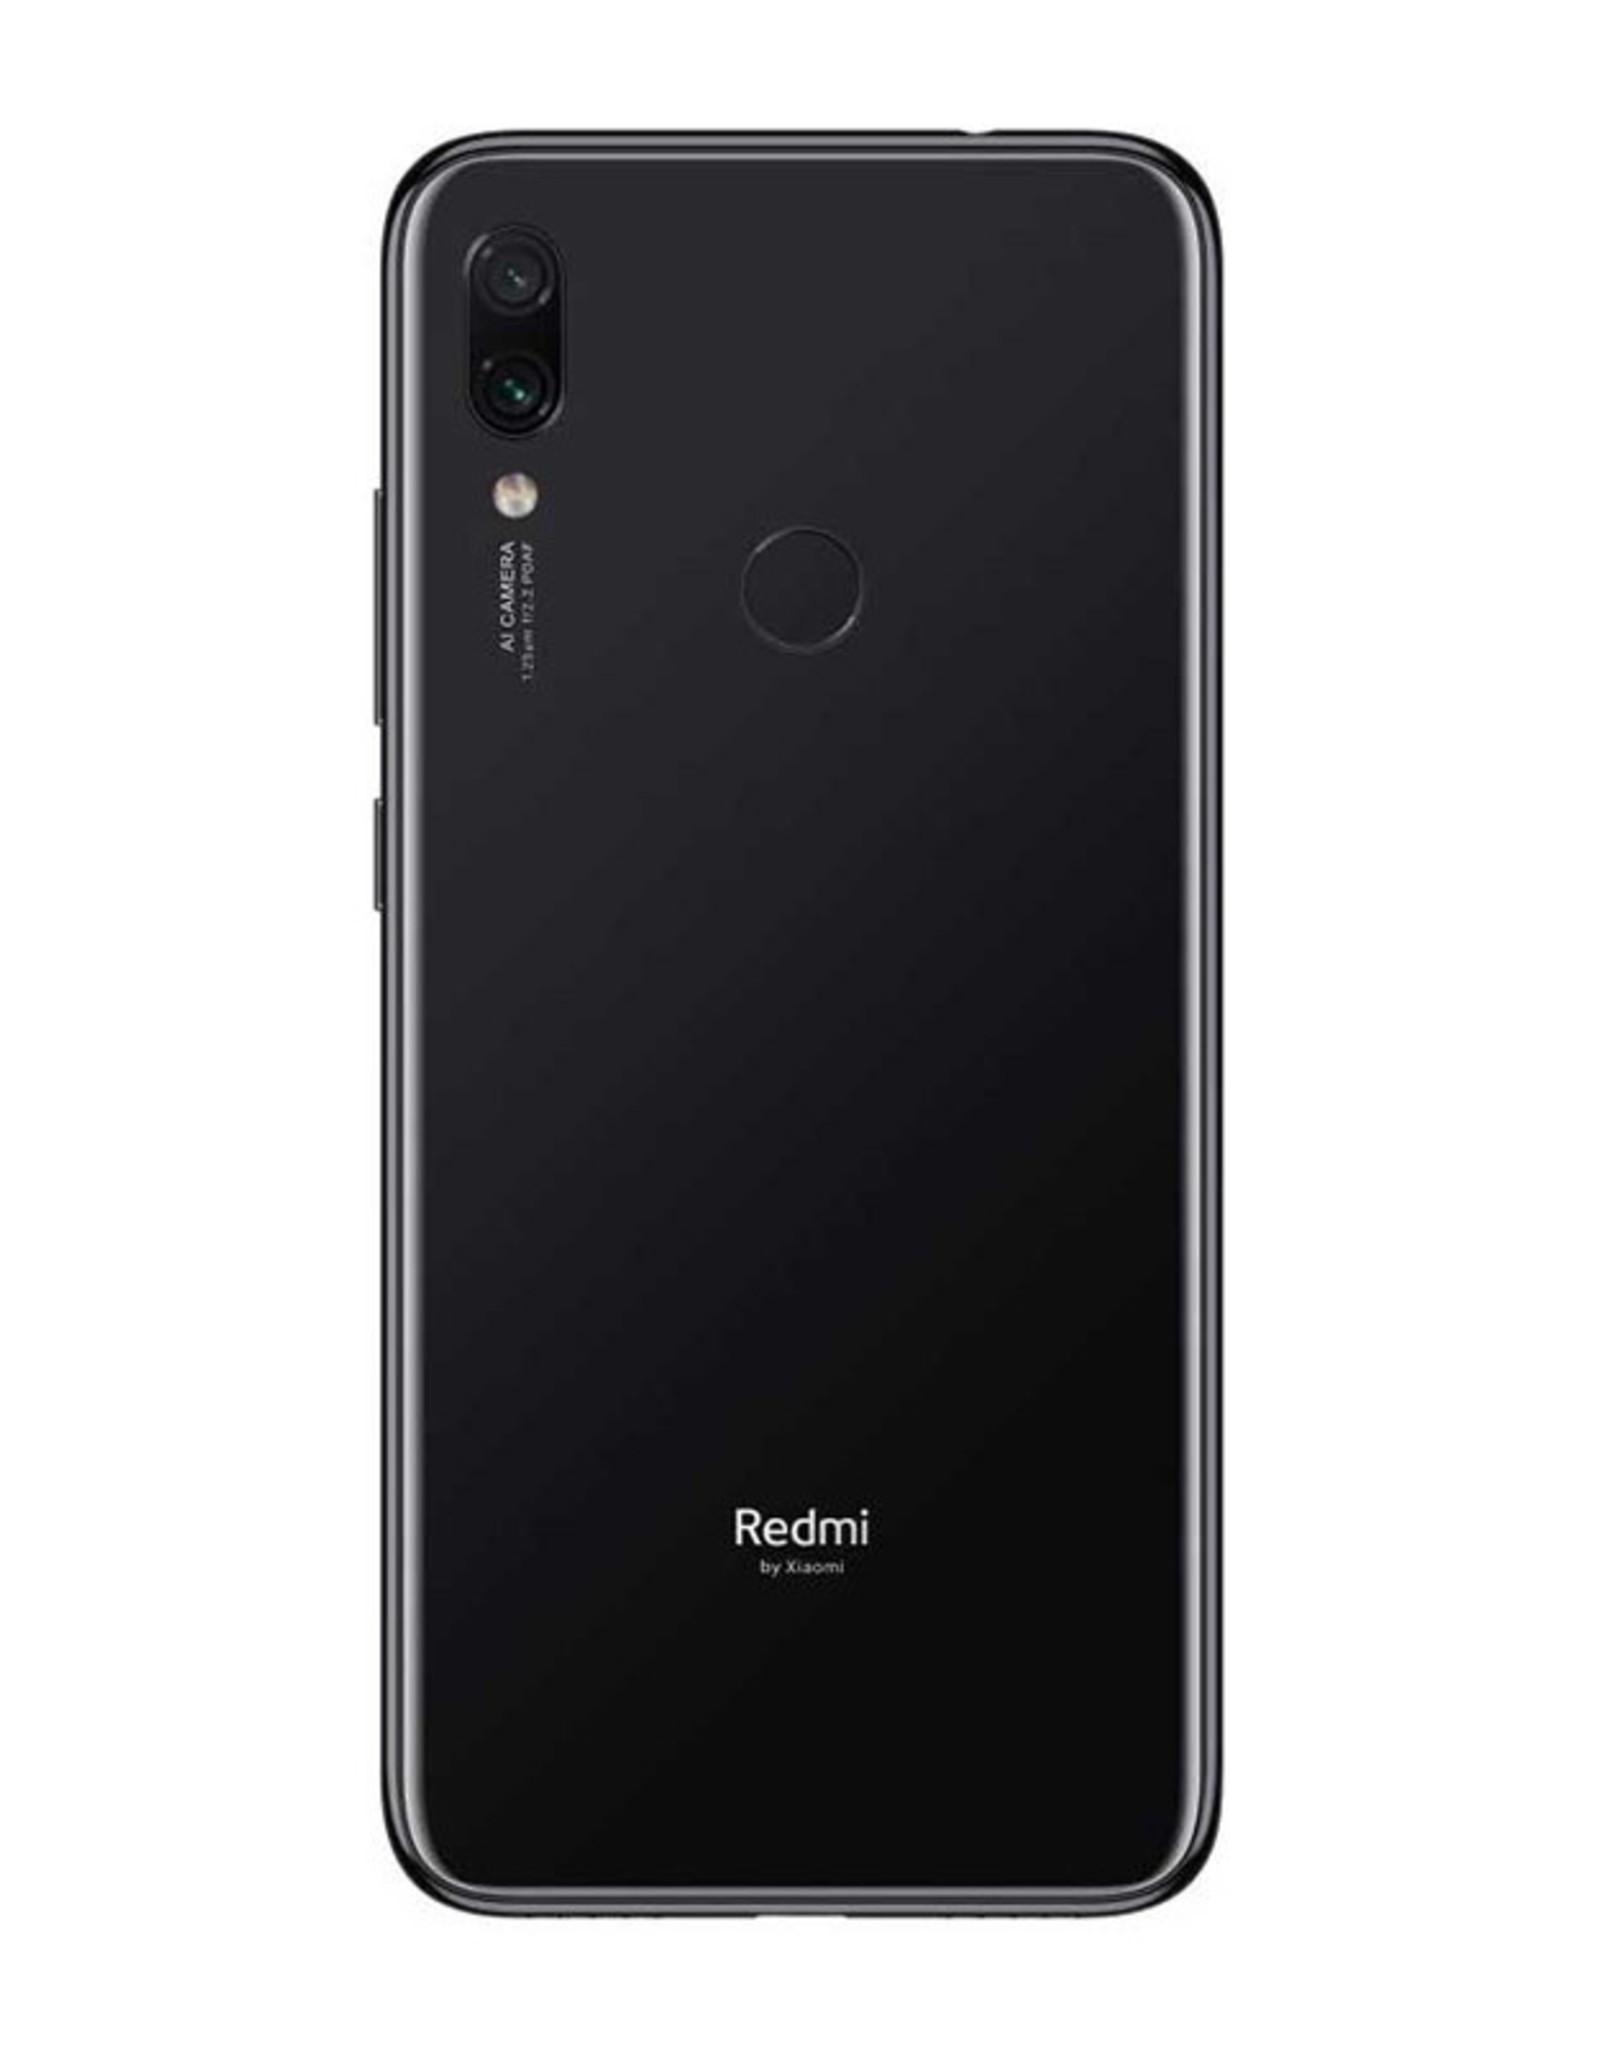 Xiaomi Redmi Note 7 Space Black 3GB RAM 32GB